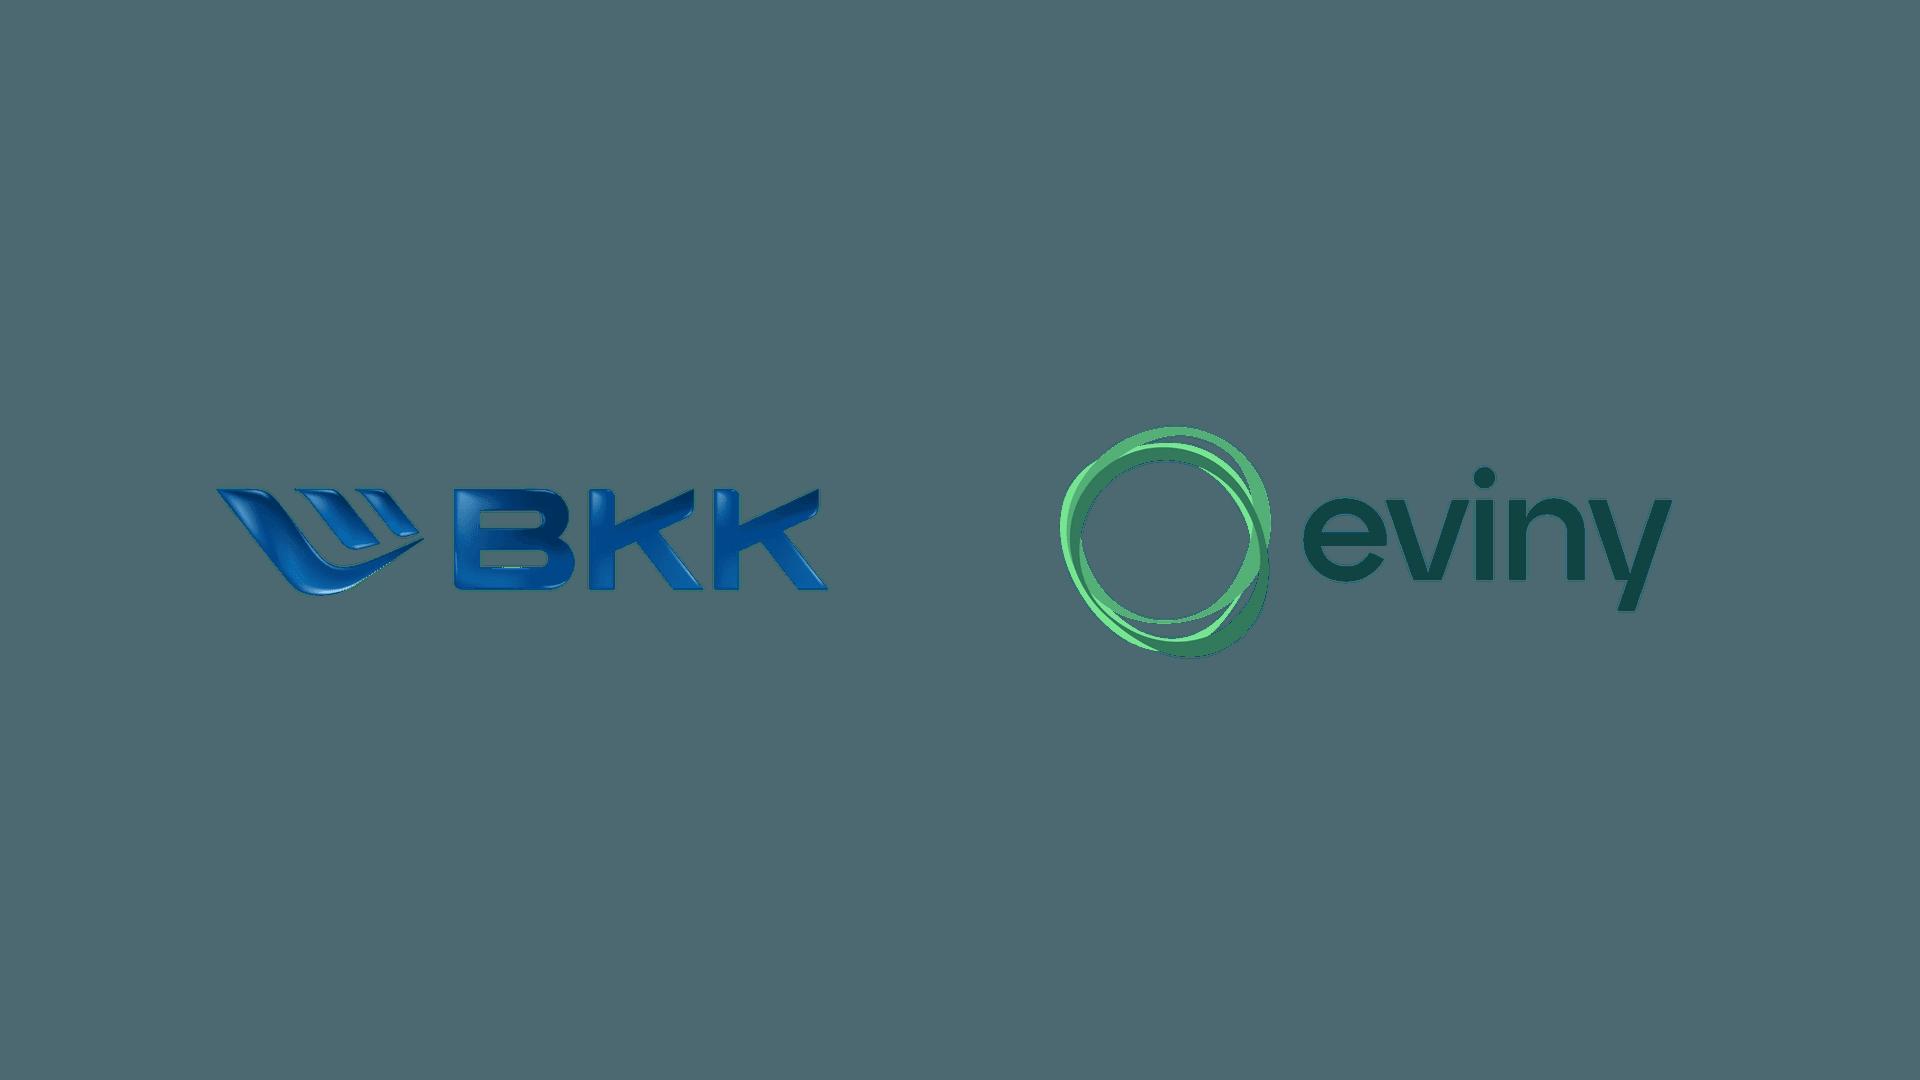 Fornybarselskapet BKK deles opp i to merkevarer. Nettselskapet skal fortsatt hete BKK, mens den øvrige delen av konsernet skifter navn til Eviny.